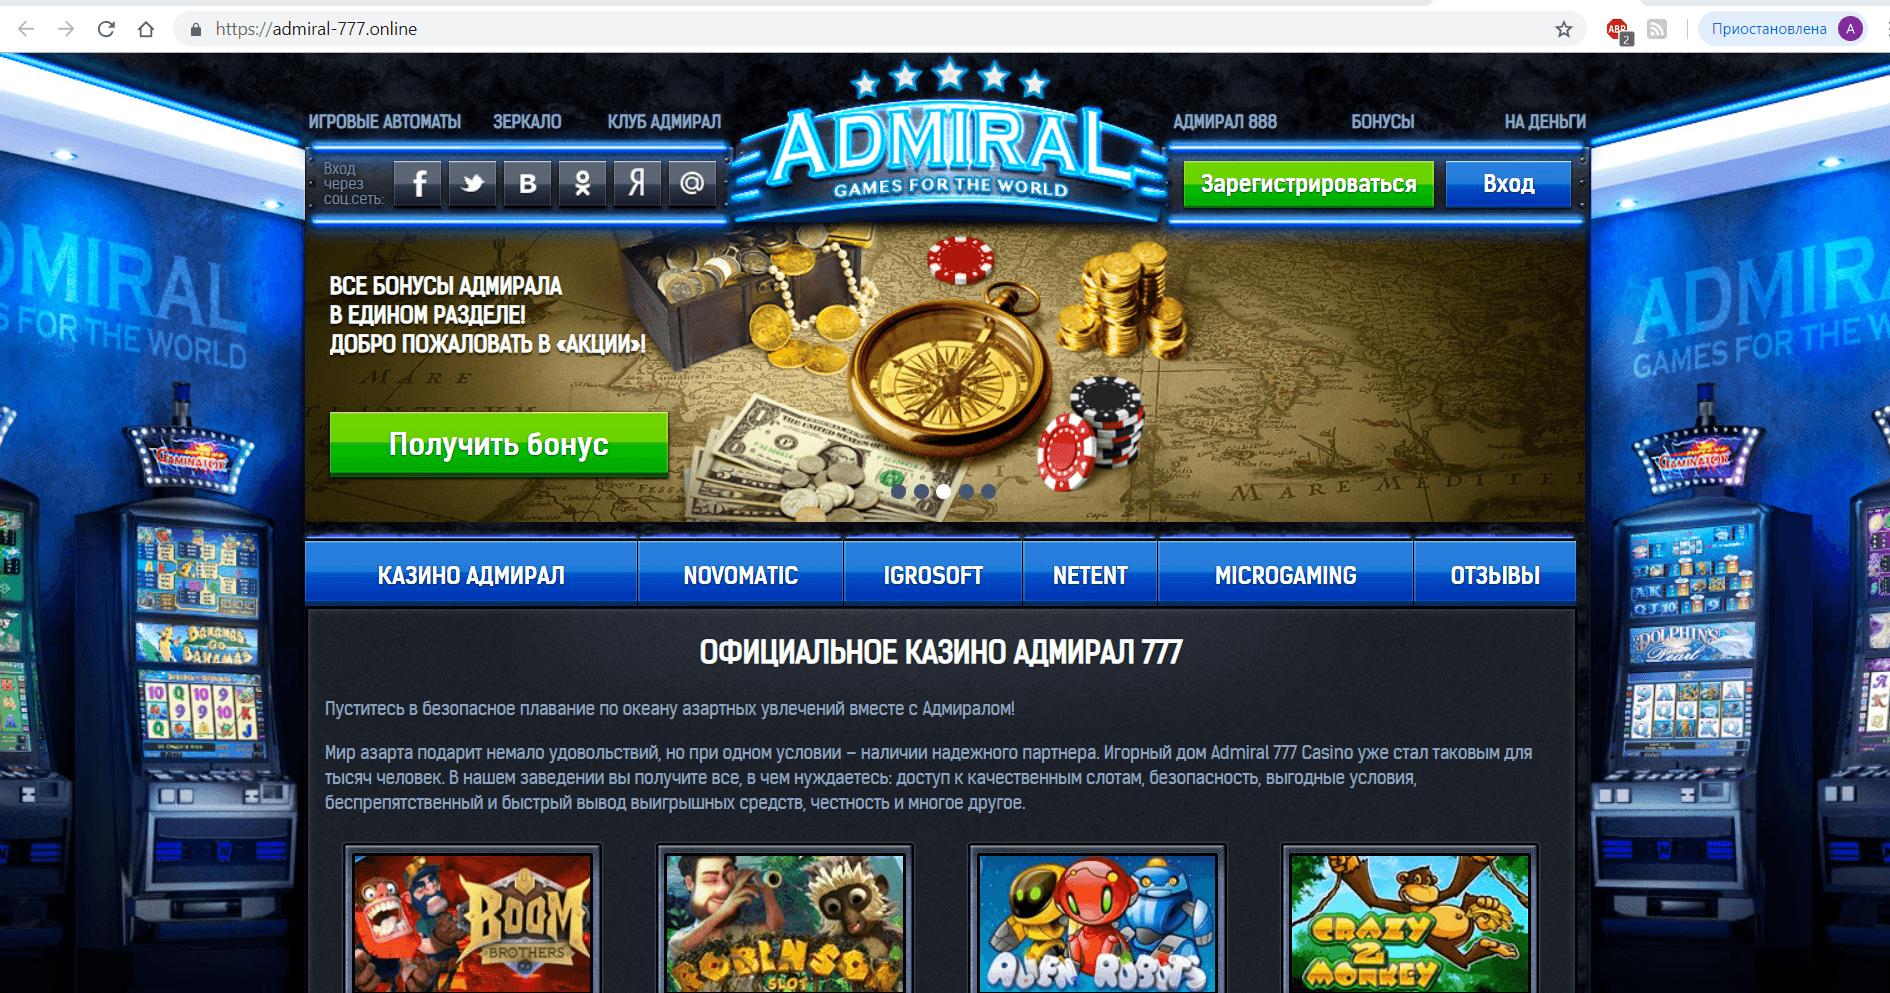 Авито ру азартные игровые автоматы онлайн бесплатно игровые автоматы играть бесплатно онлайн piggy bank